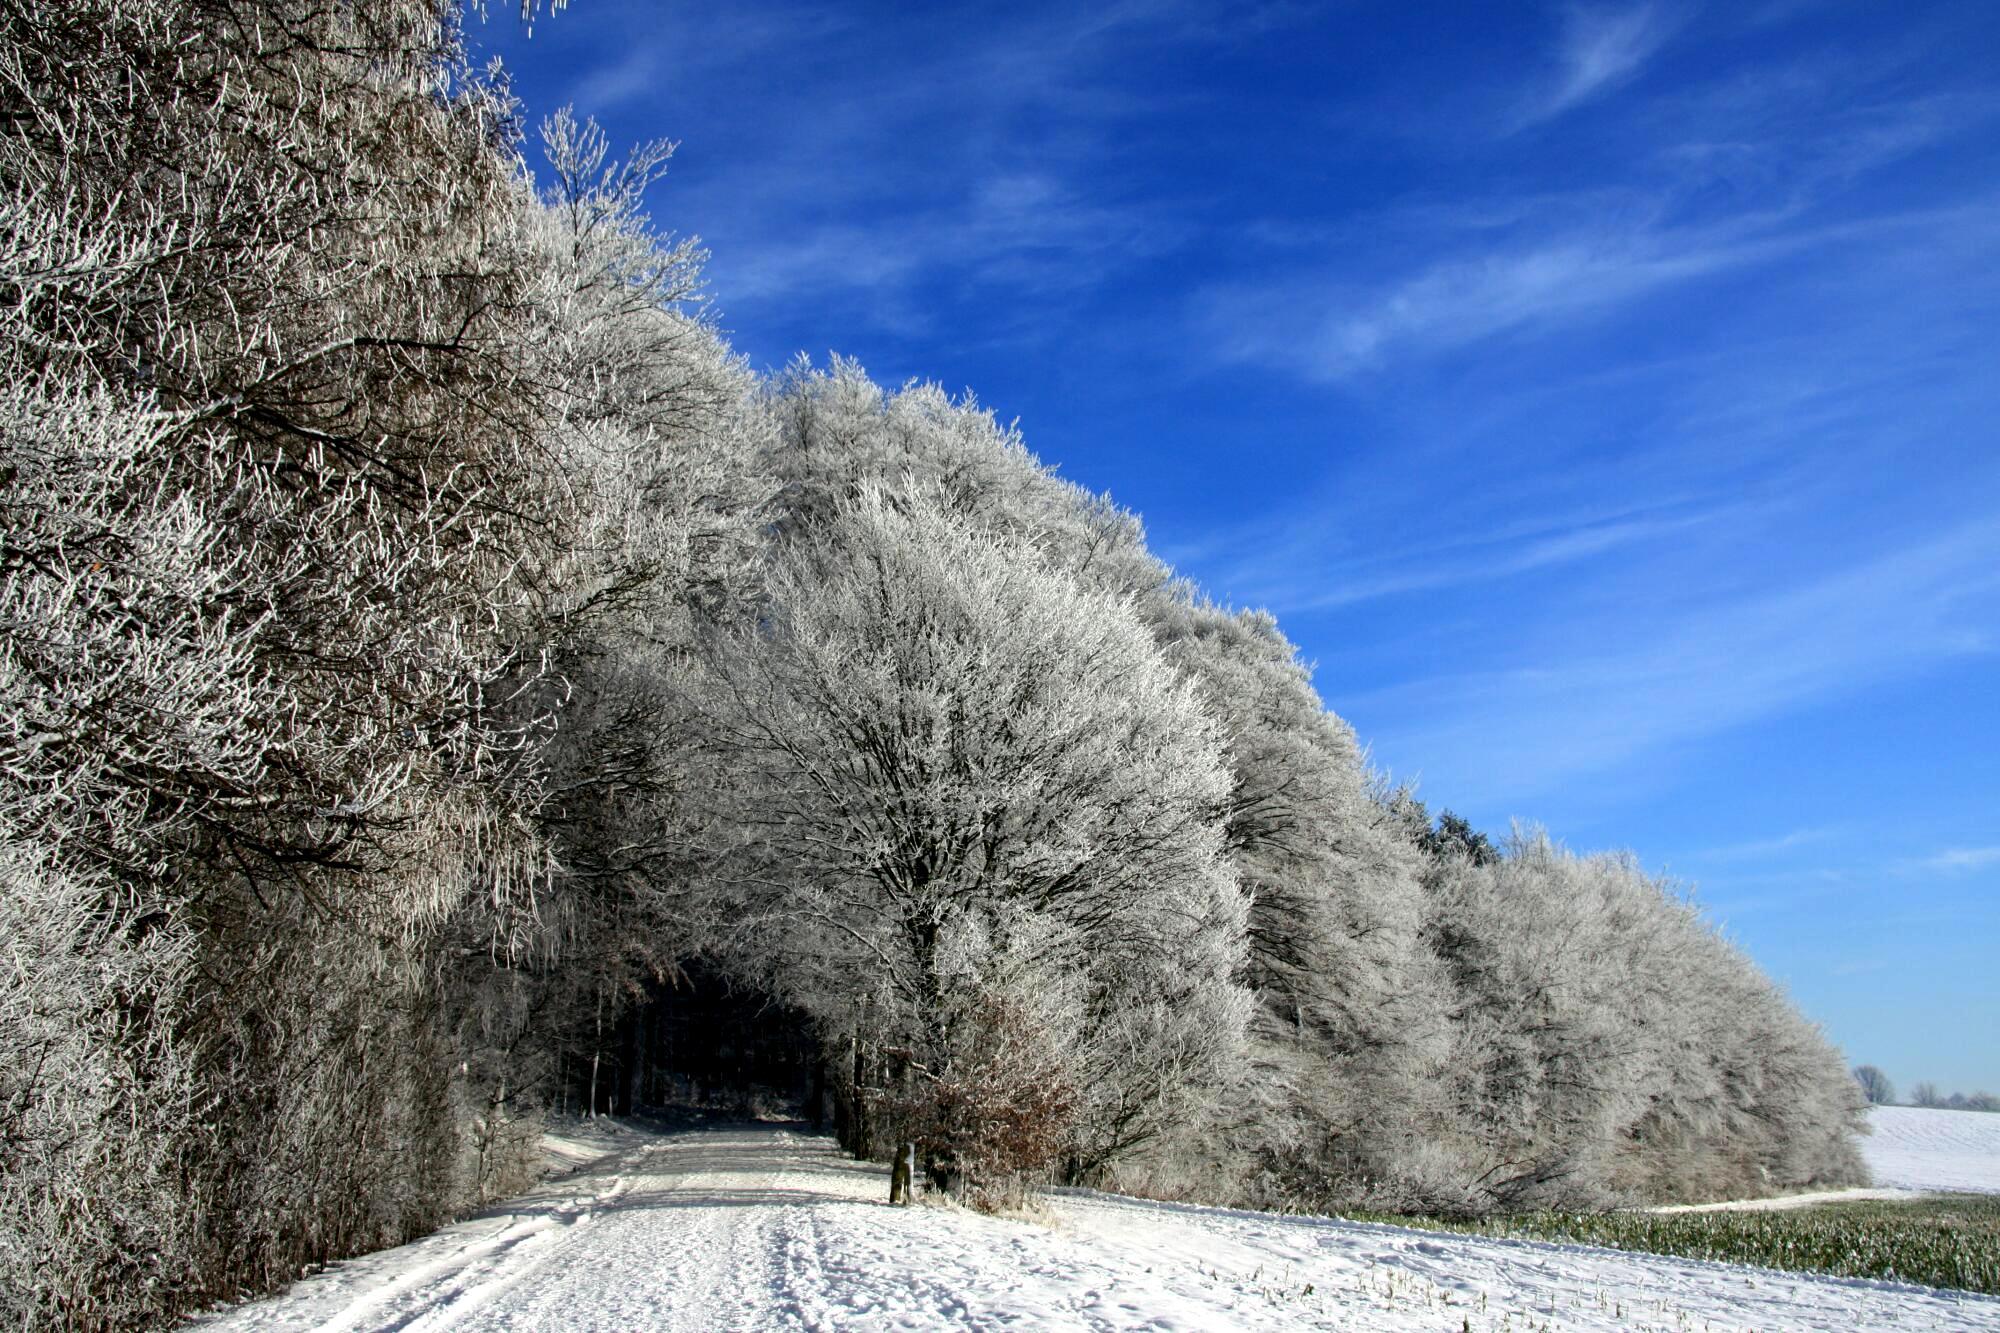 Winter in den Baumbergen, Germany